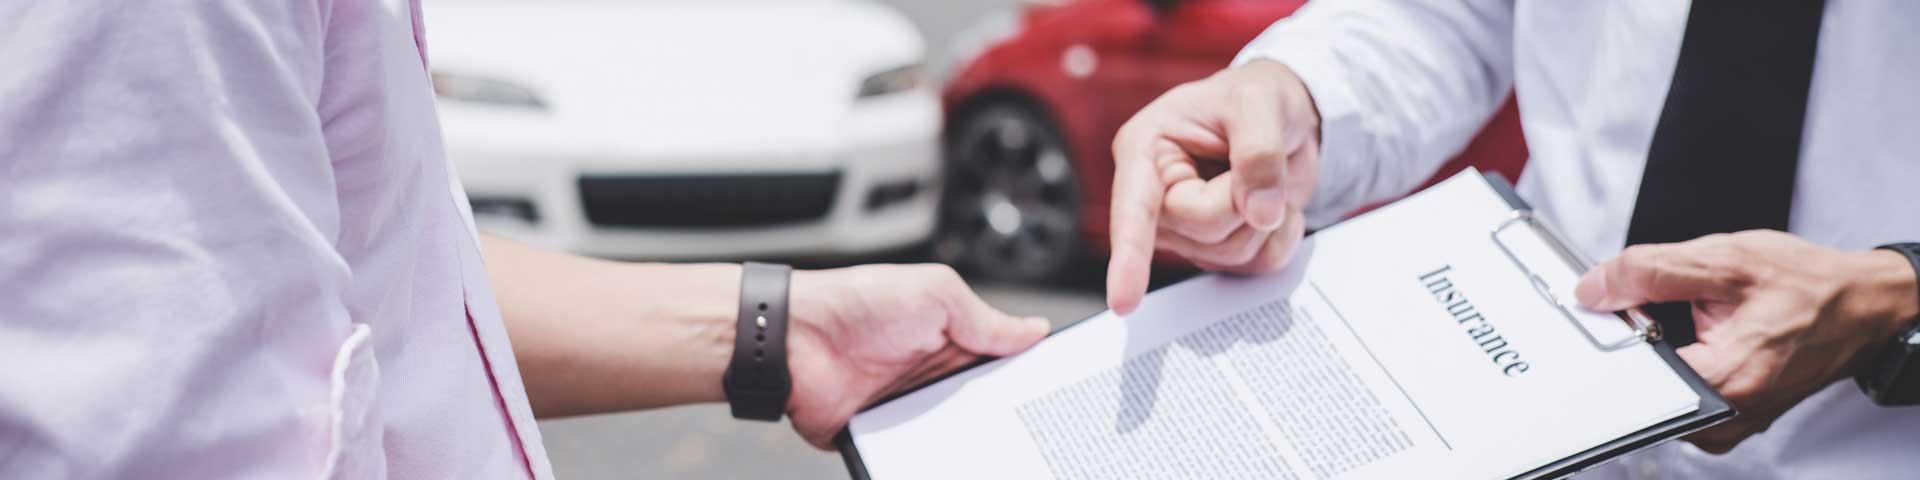 no claim auto schade